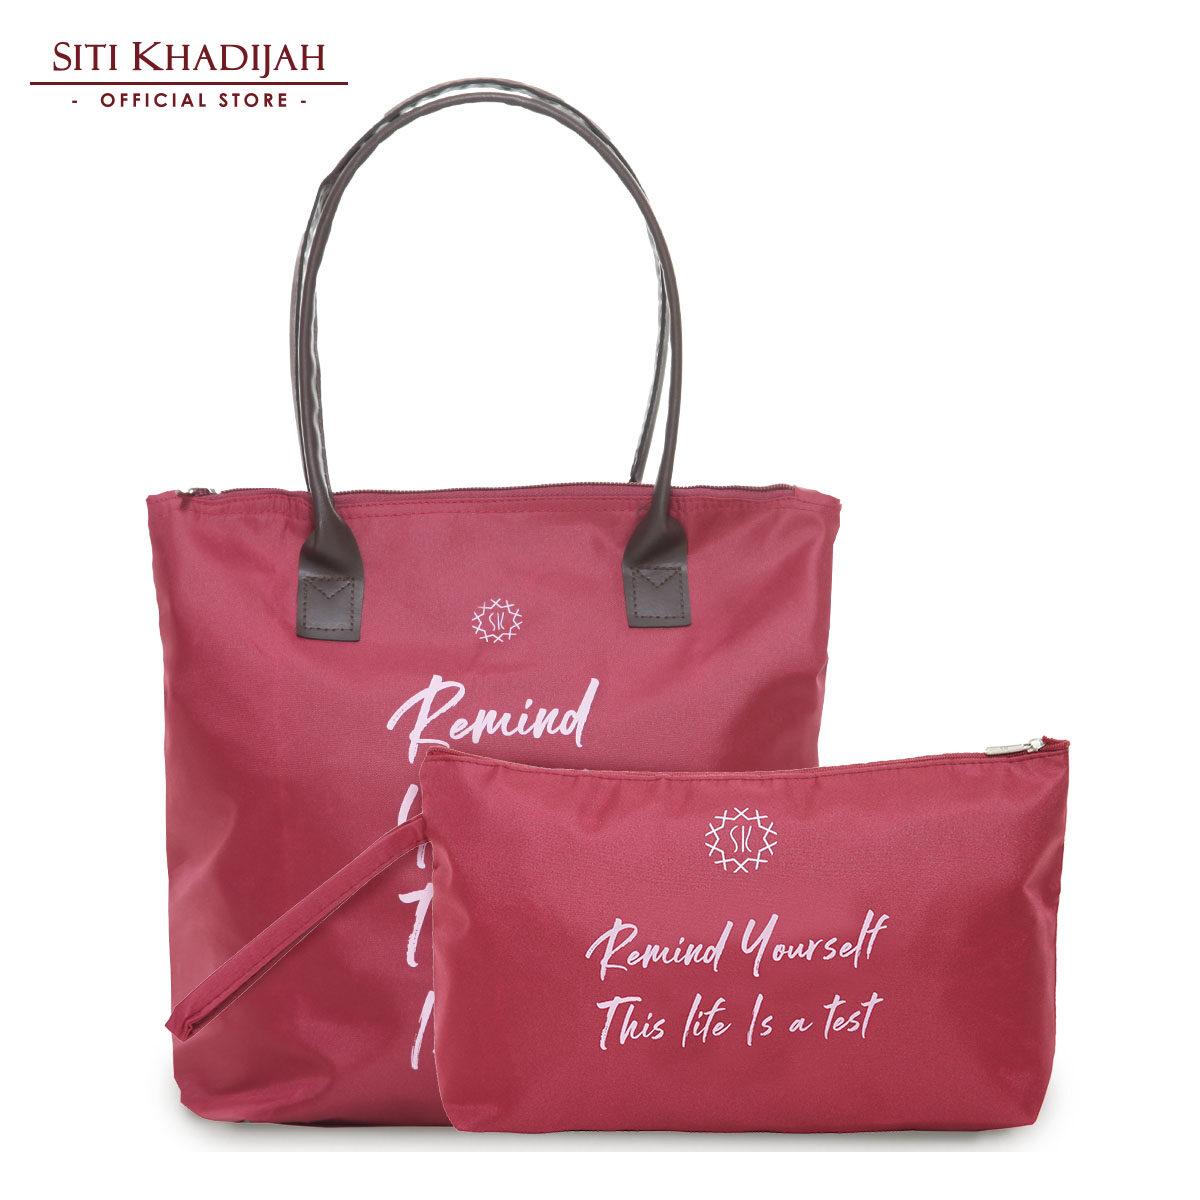 Siti Khadijah Tote Bag Remind + Pouch Bag Remind